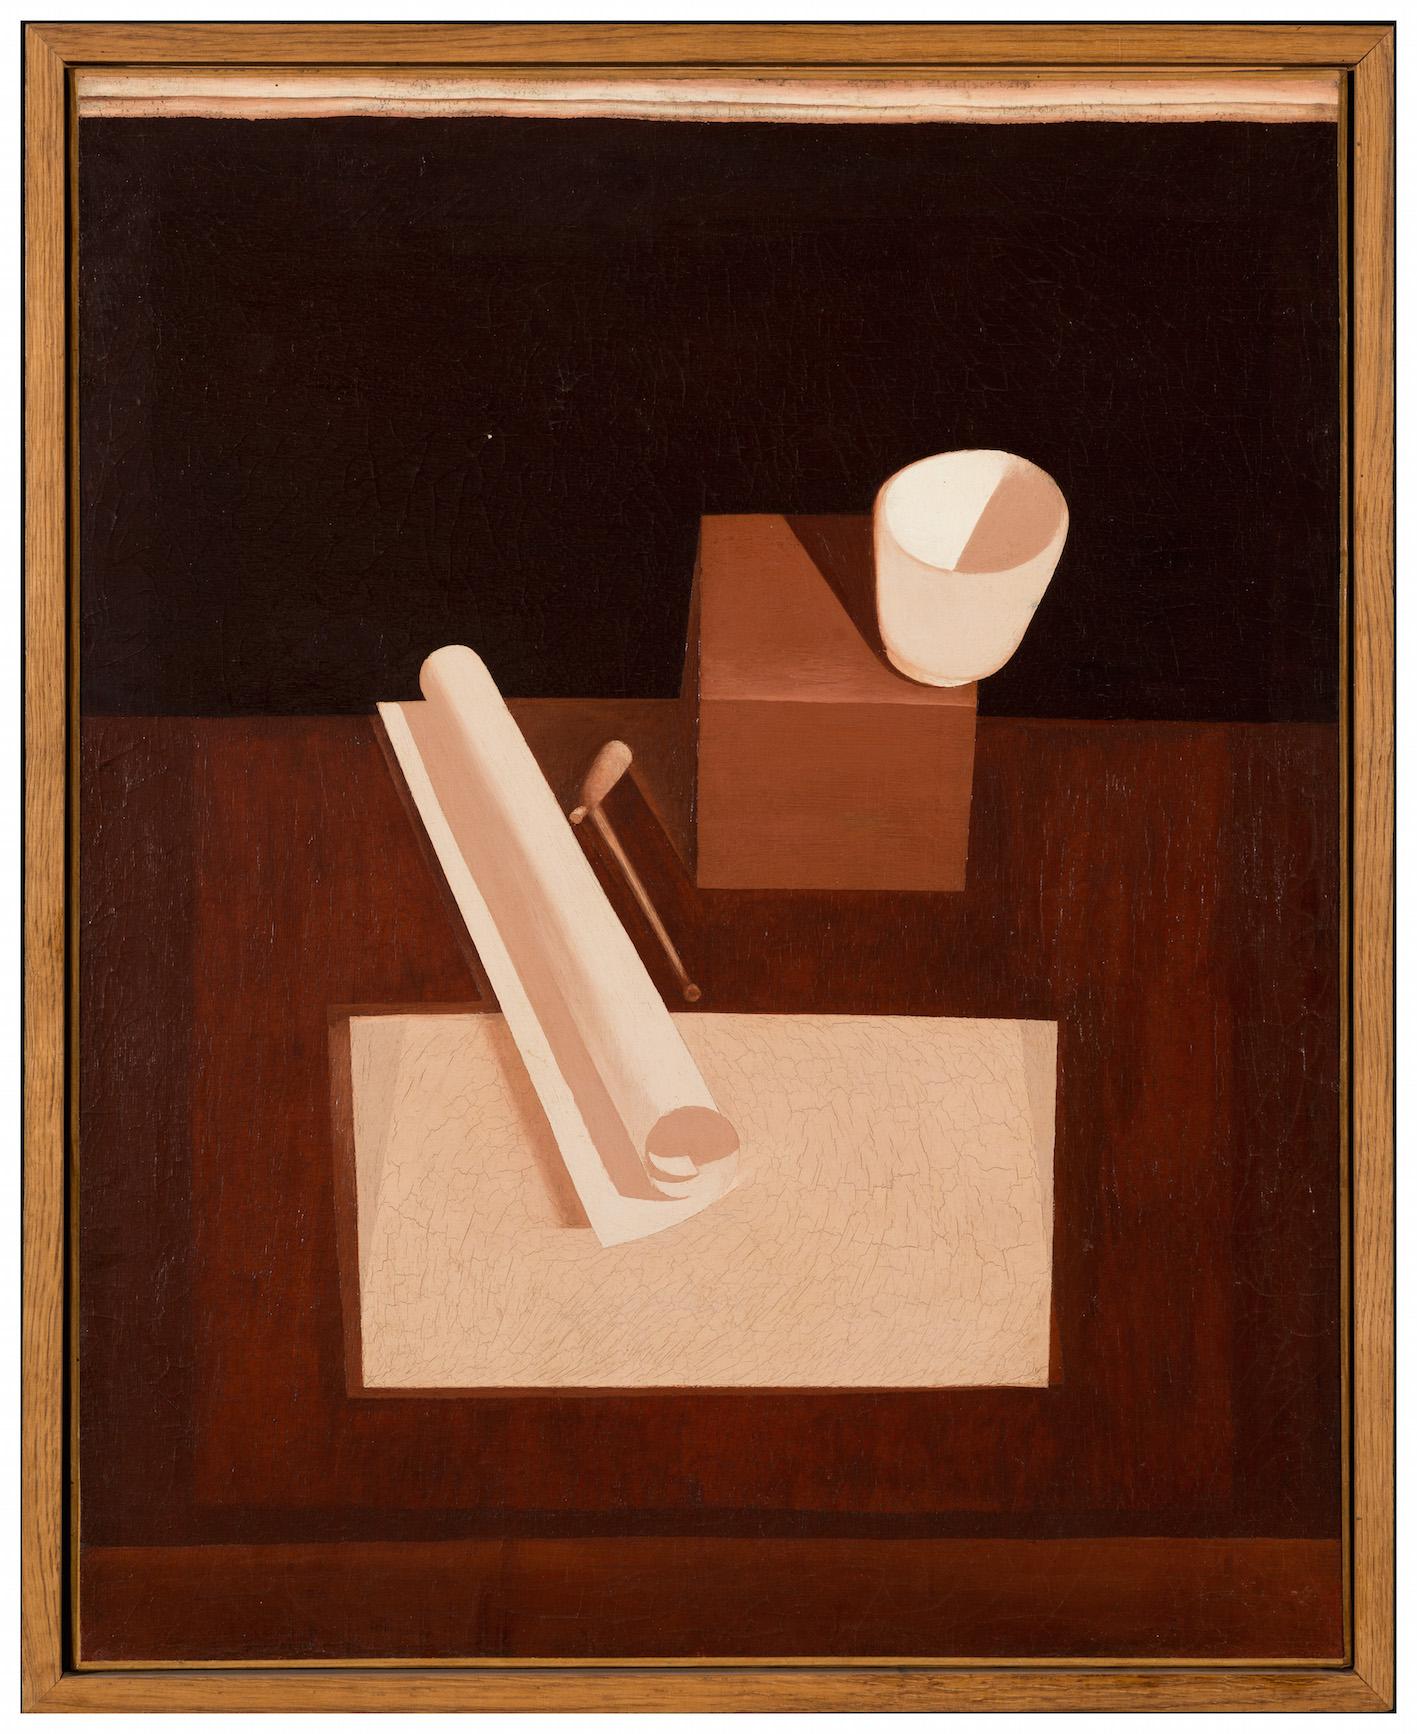 Le Corbusier, Le bol rouge, 1919.